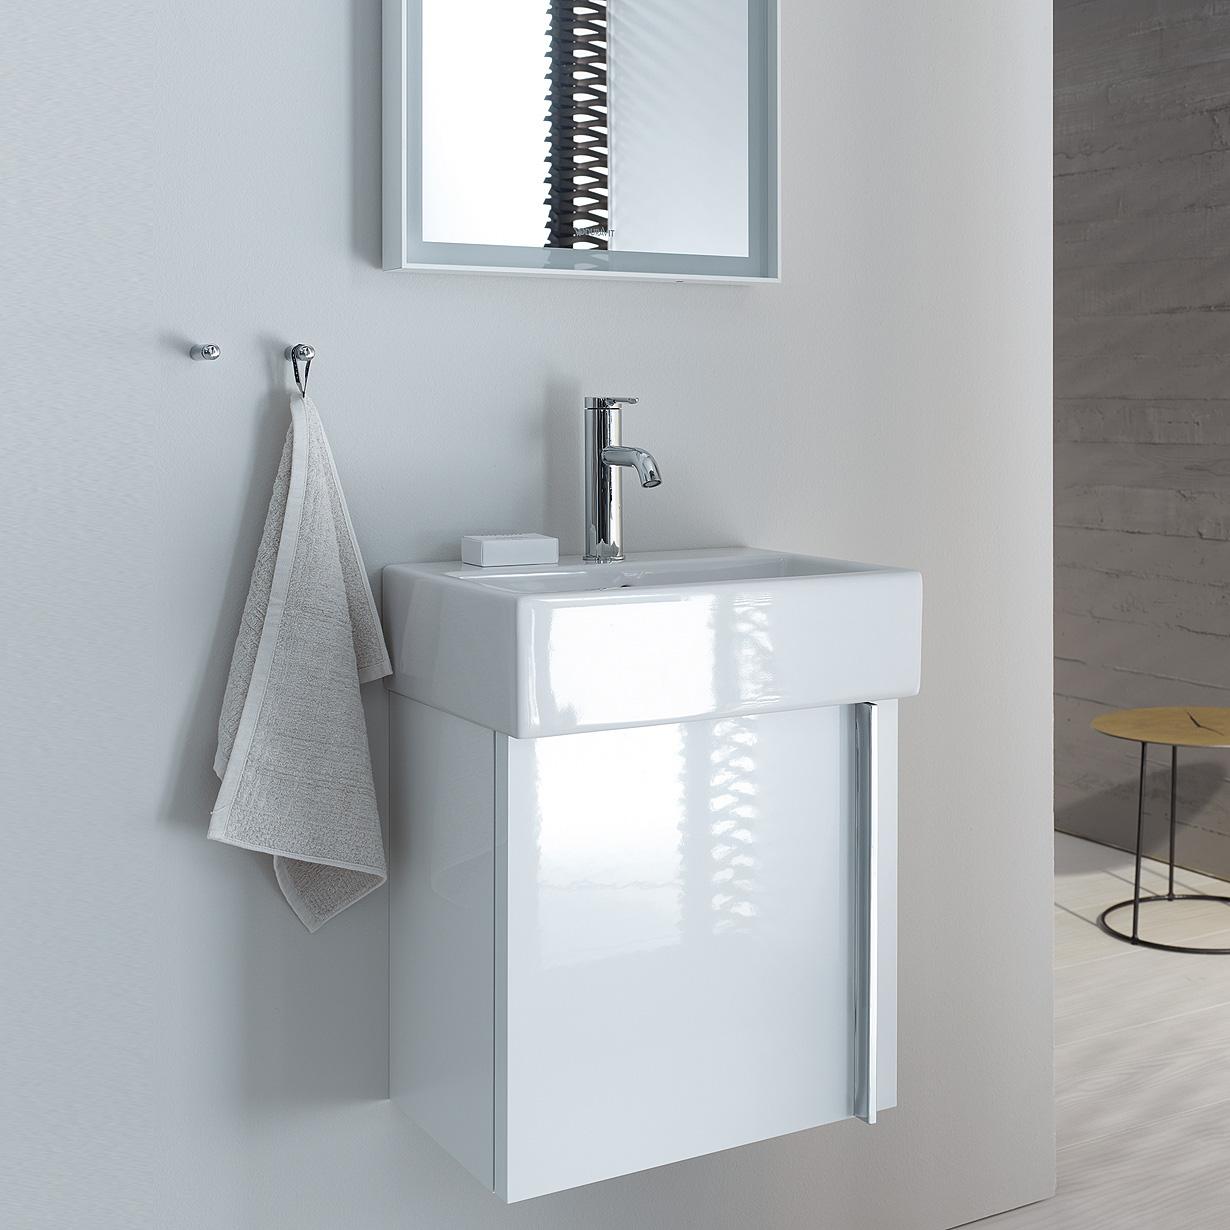 Mobile bagno porta asciugamani al prezzo migliore offerte opinioni recensioni sconti - Amazon porta asciugamani bagno ...